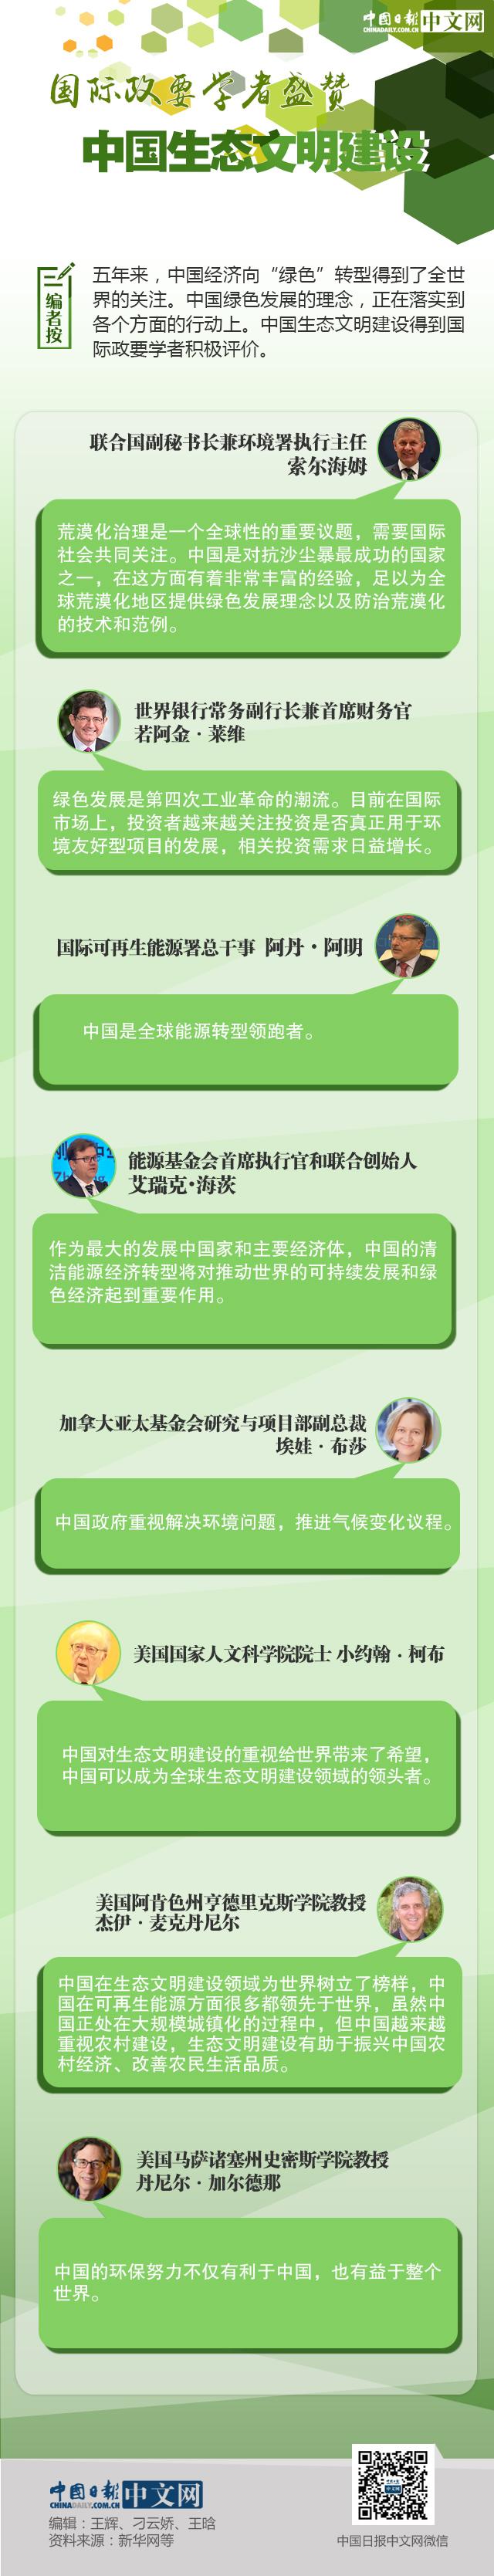 【理上网来?喜迎十九大】国际政要学者盛赞中国生态文明建设